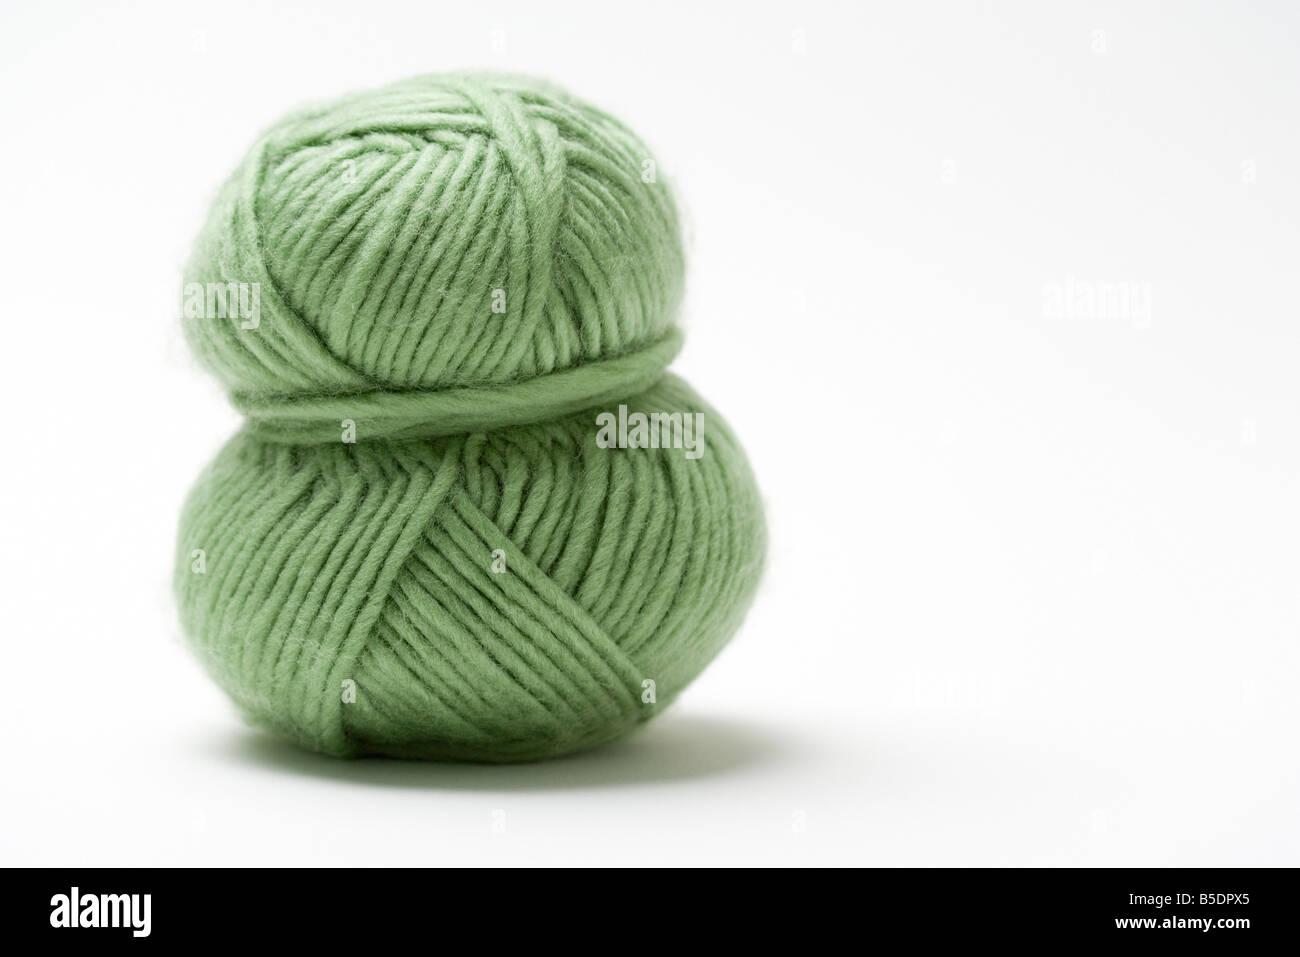 Matassa di filo verde, close-up Immagini Stock